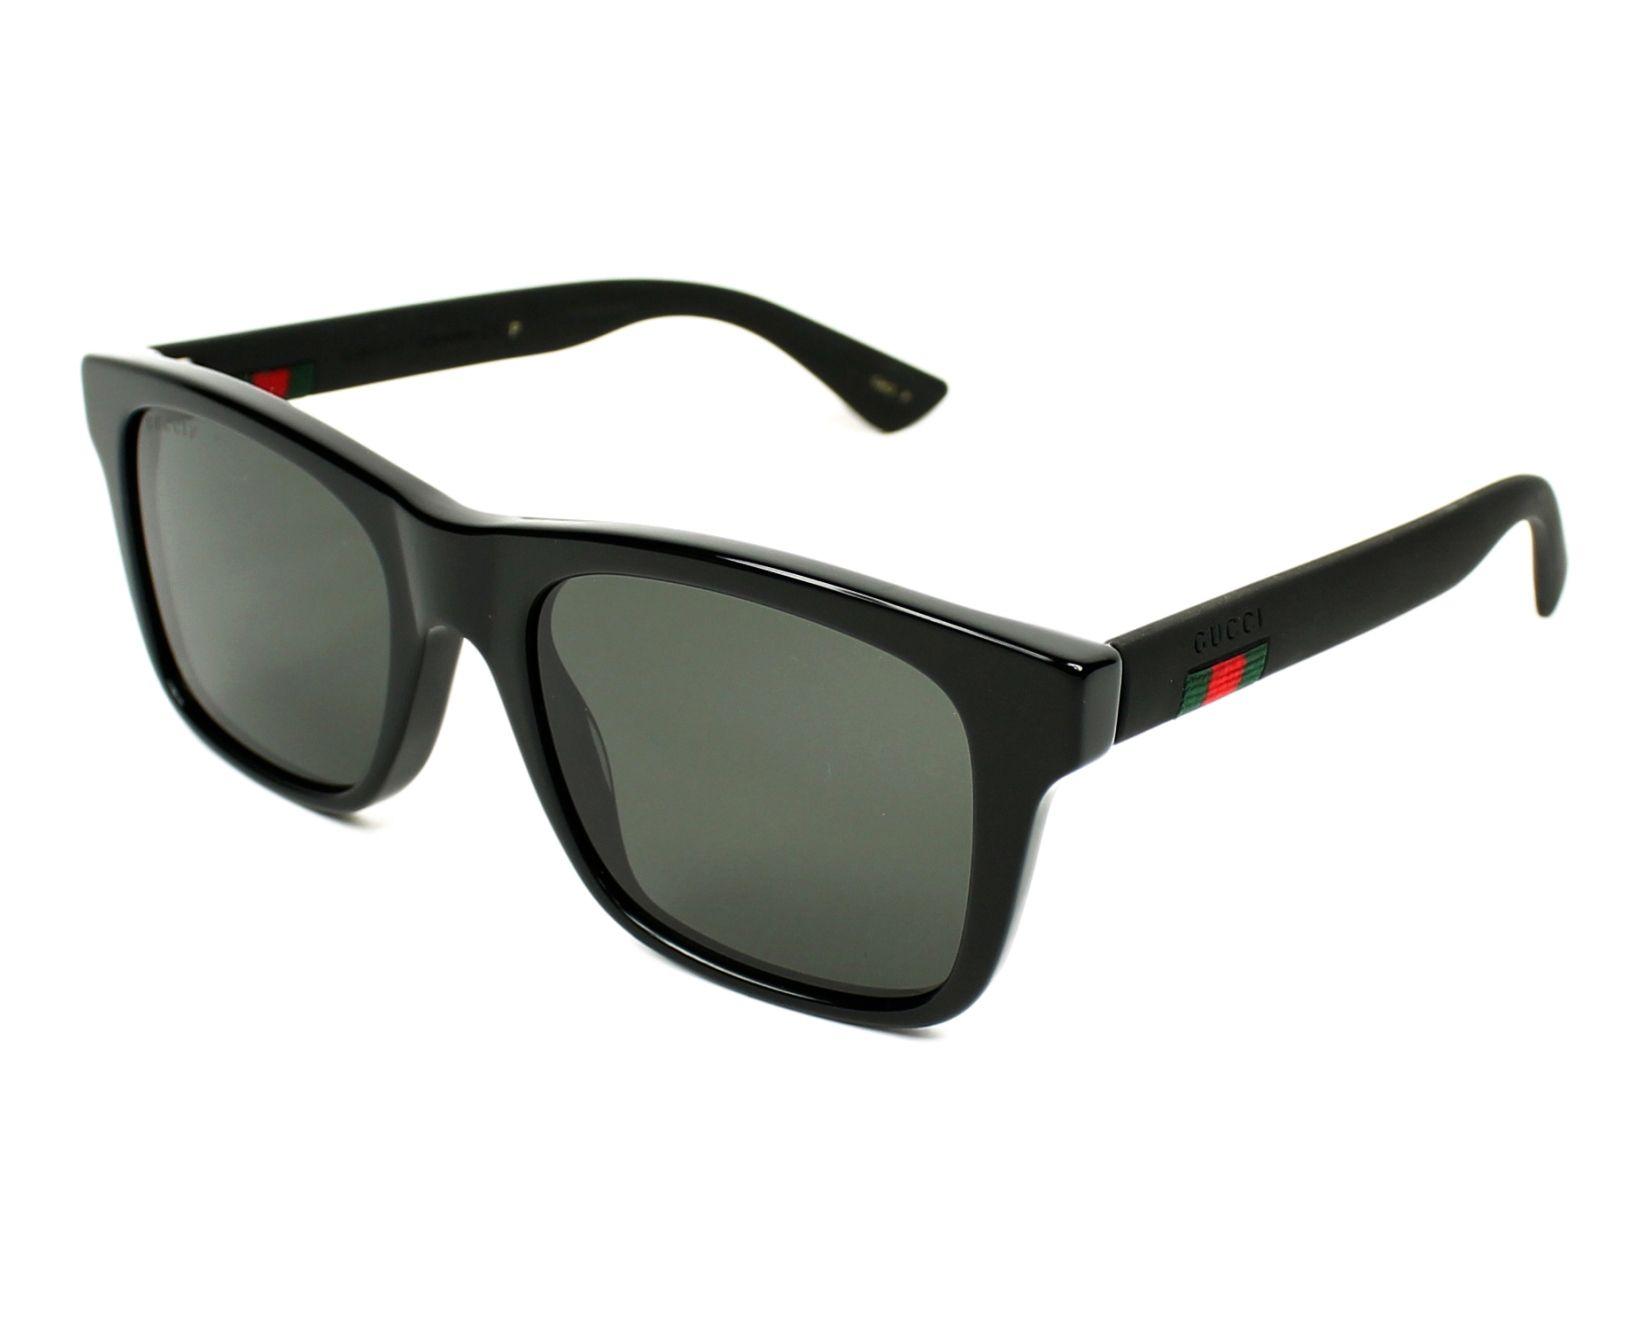 a32e06bf3da35 Gucci - Buy Gucci sunglasses online at low prices